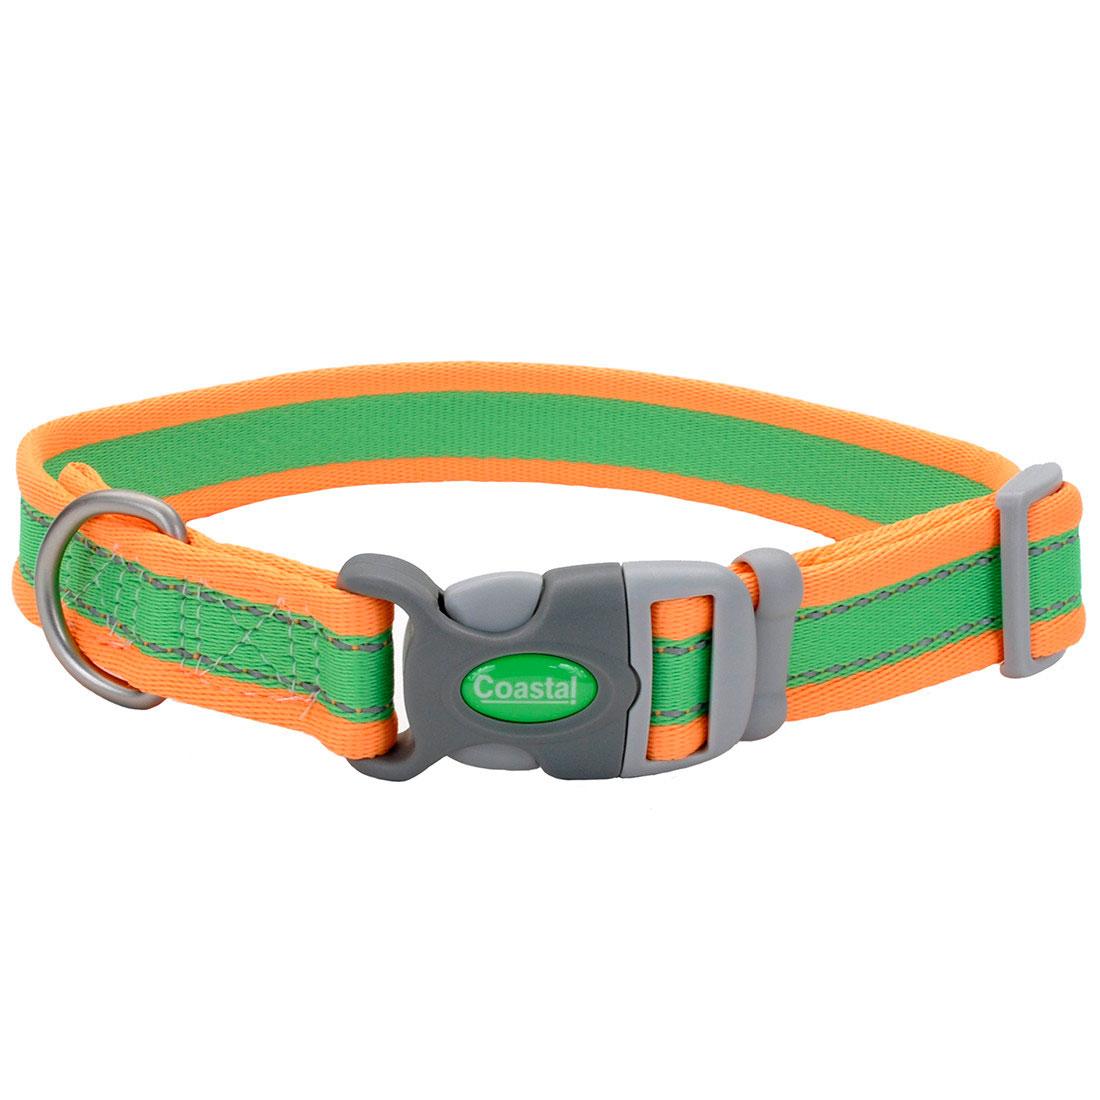 Coastal Pro Reflective Adjustable Dog Collar, Lime/Orange Image